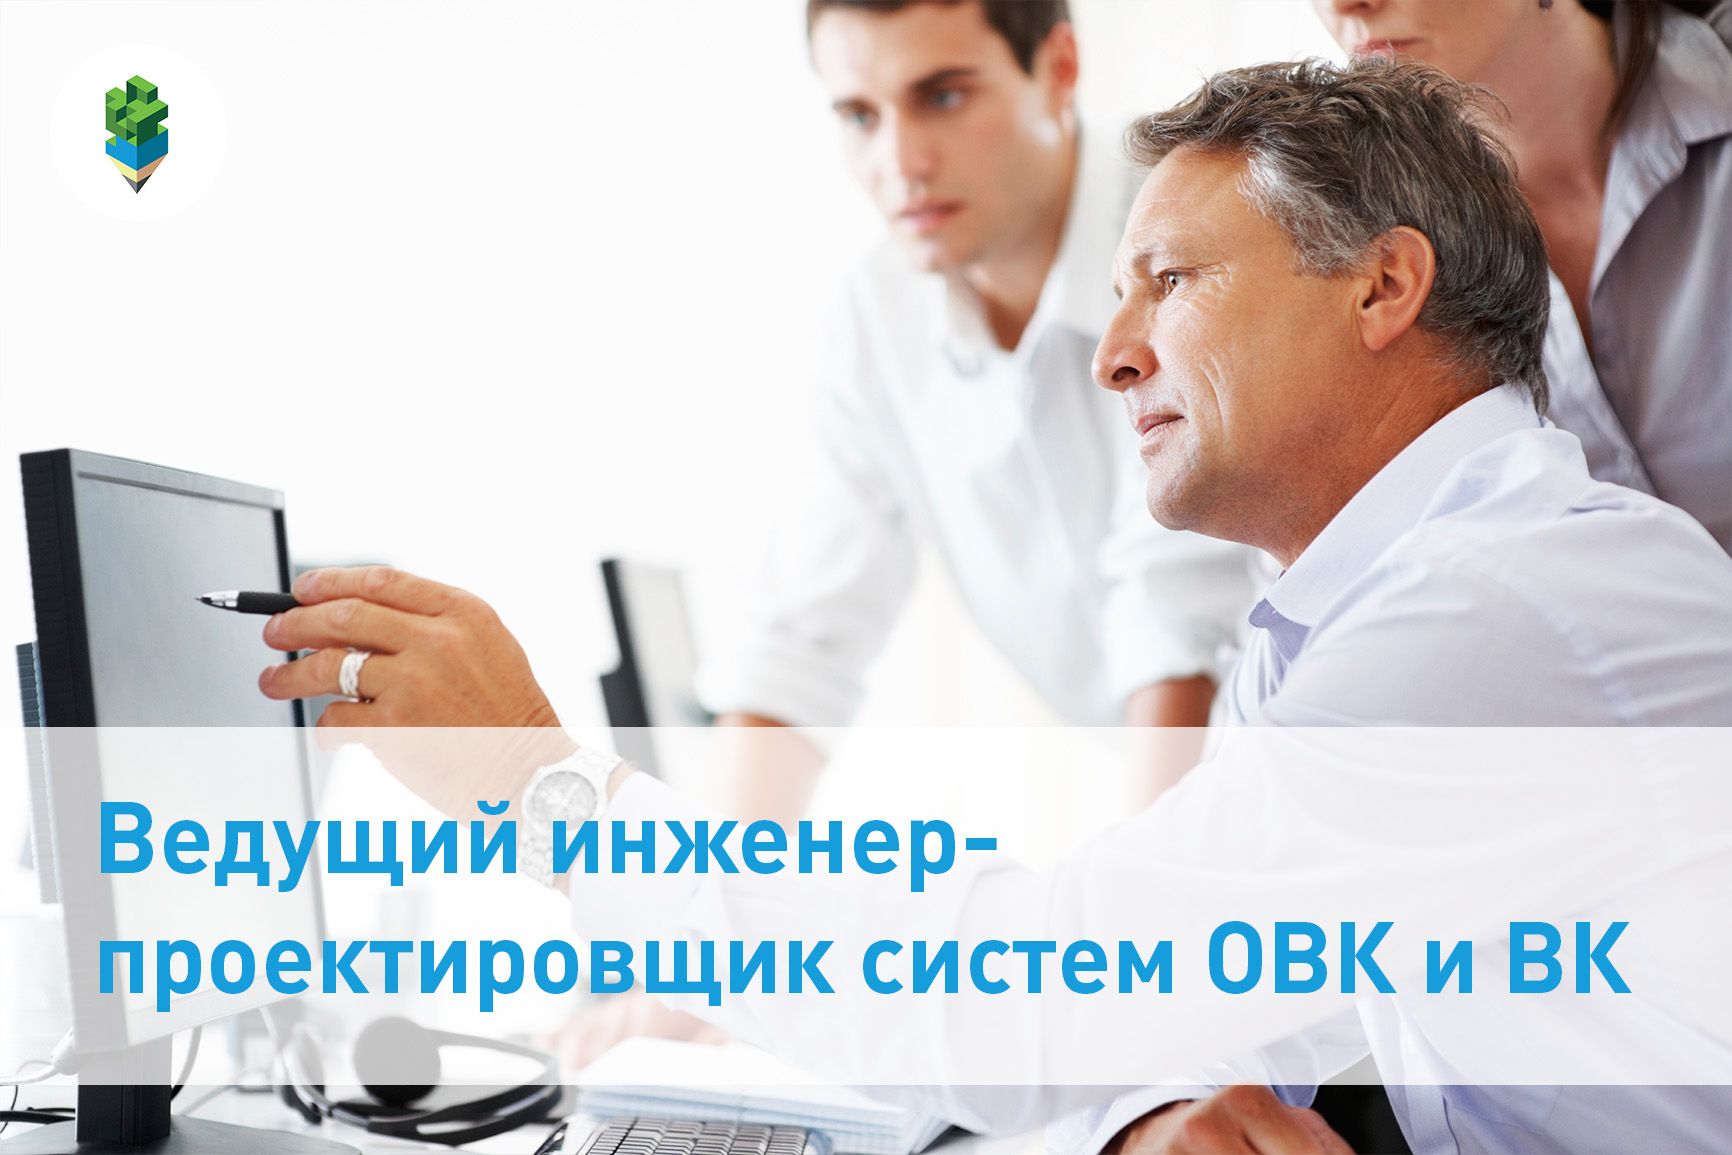 ВАКАНСИЯ: Ведущий инженер-проектировщик систем ОВК и ВК